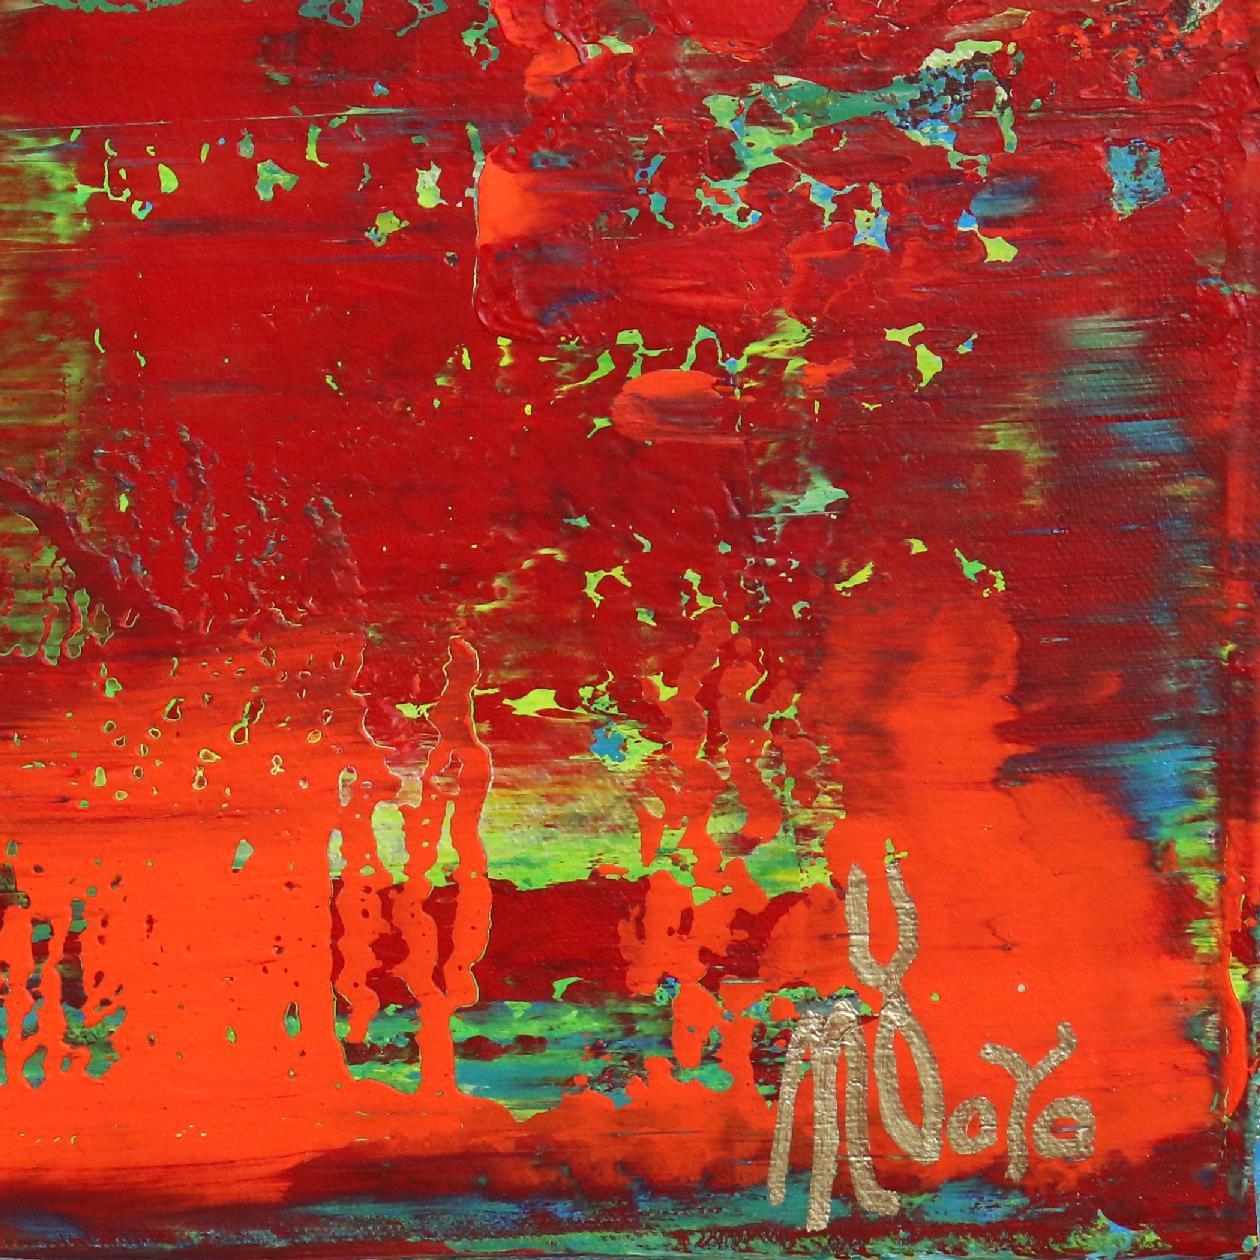 Signature Closeup - Detail - Rojo infinito (Fiery abstract) 6 (2020) by Nestor Toro